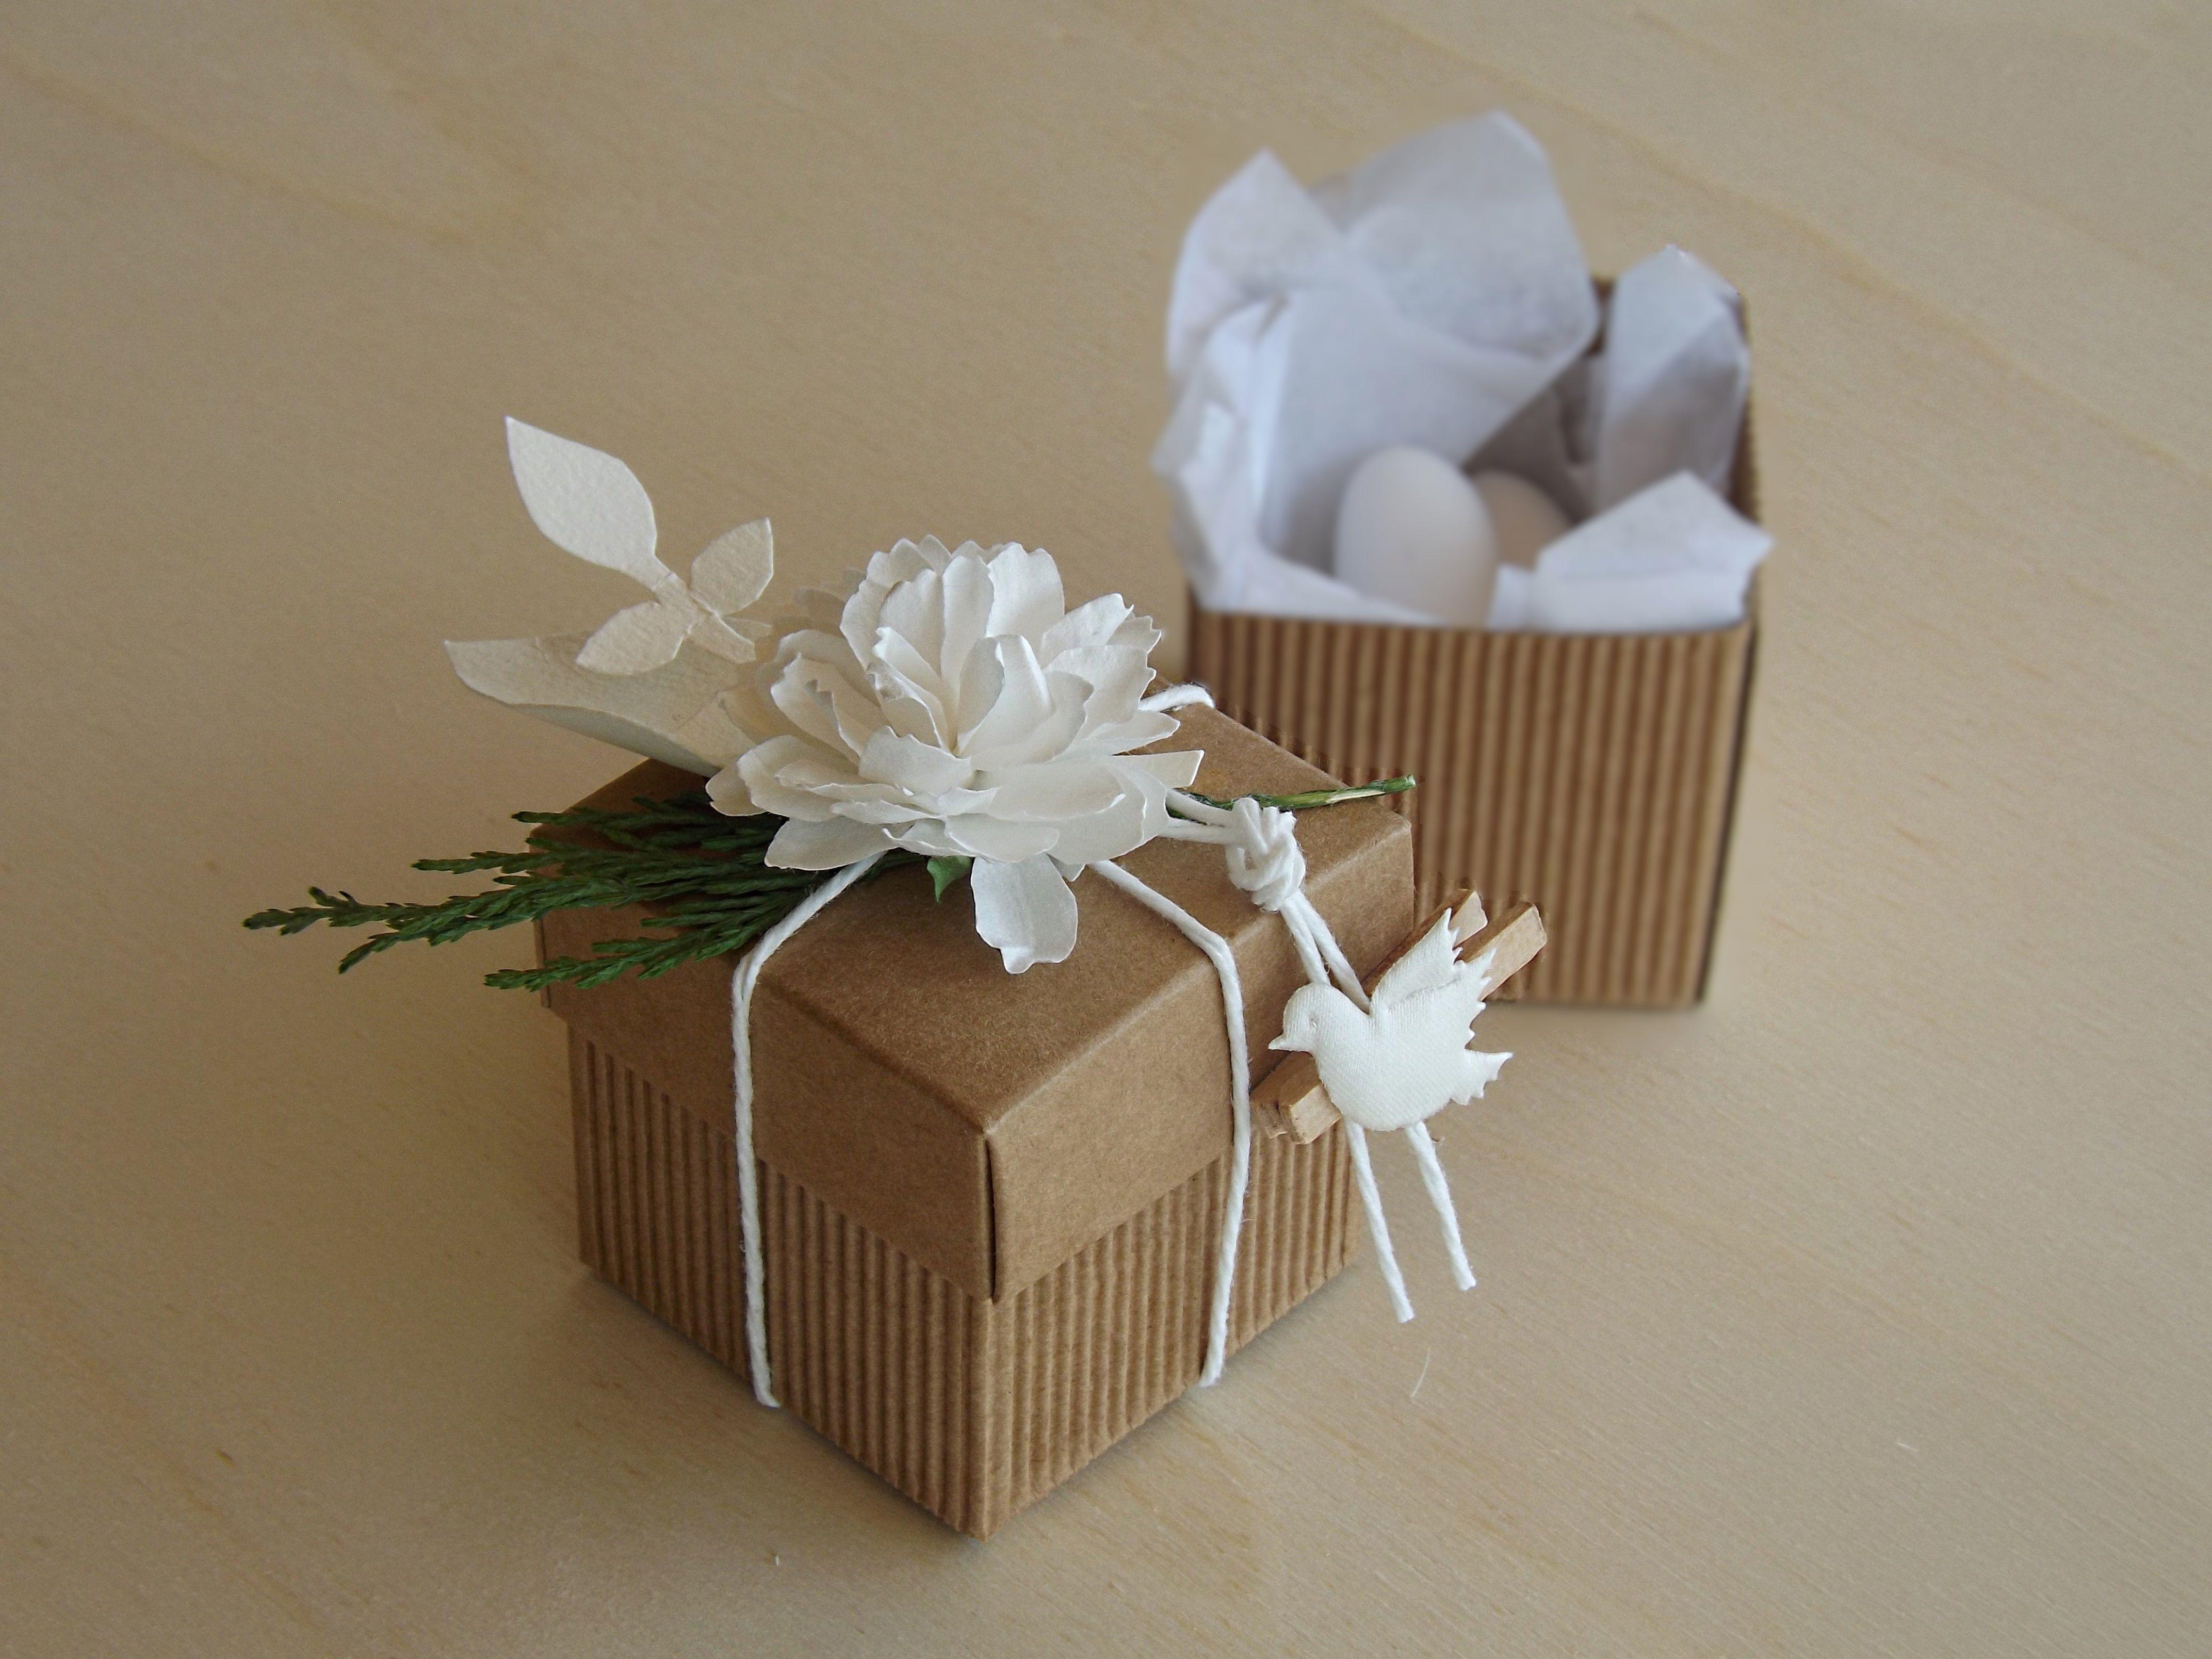 Confetti Segnaposto Matrimonio.Segnaposto Con Confetti Ideale Per Un Matrimonio Battesimo